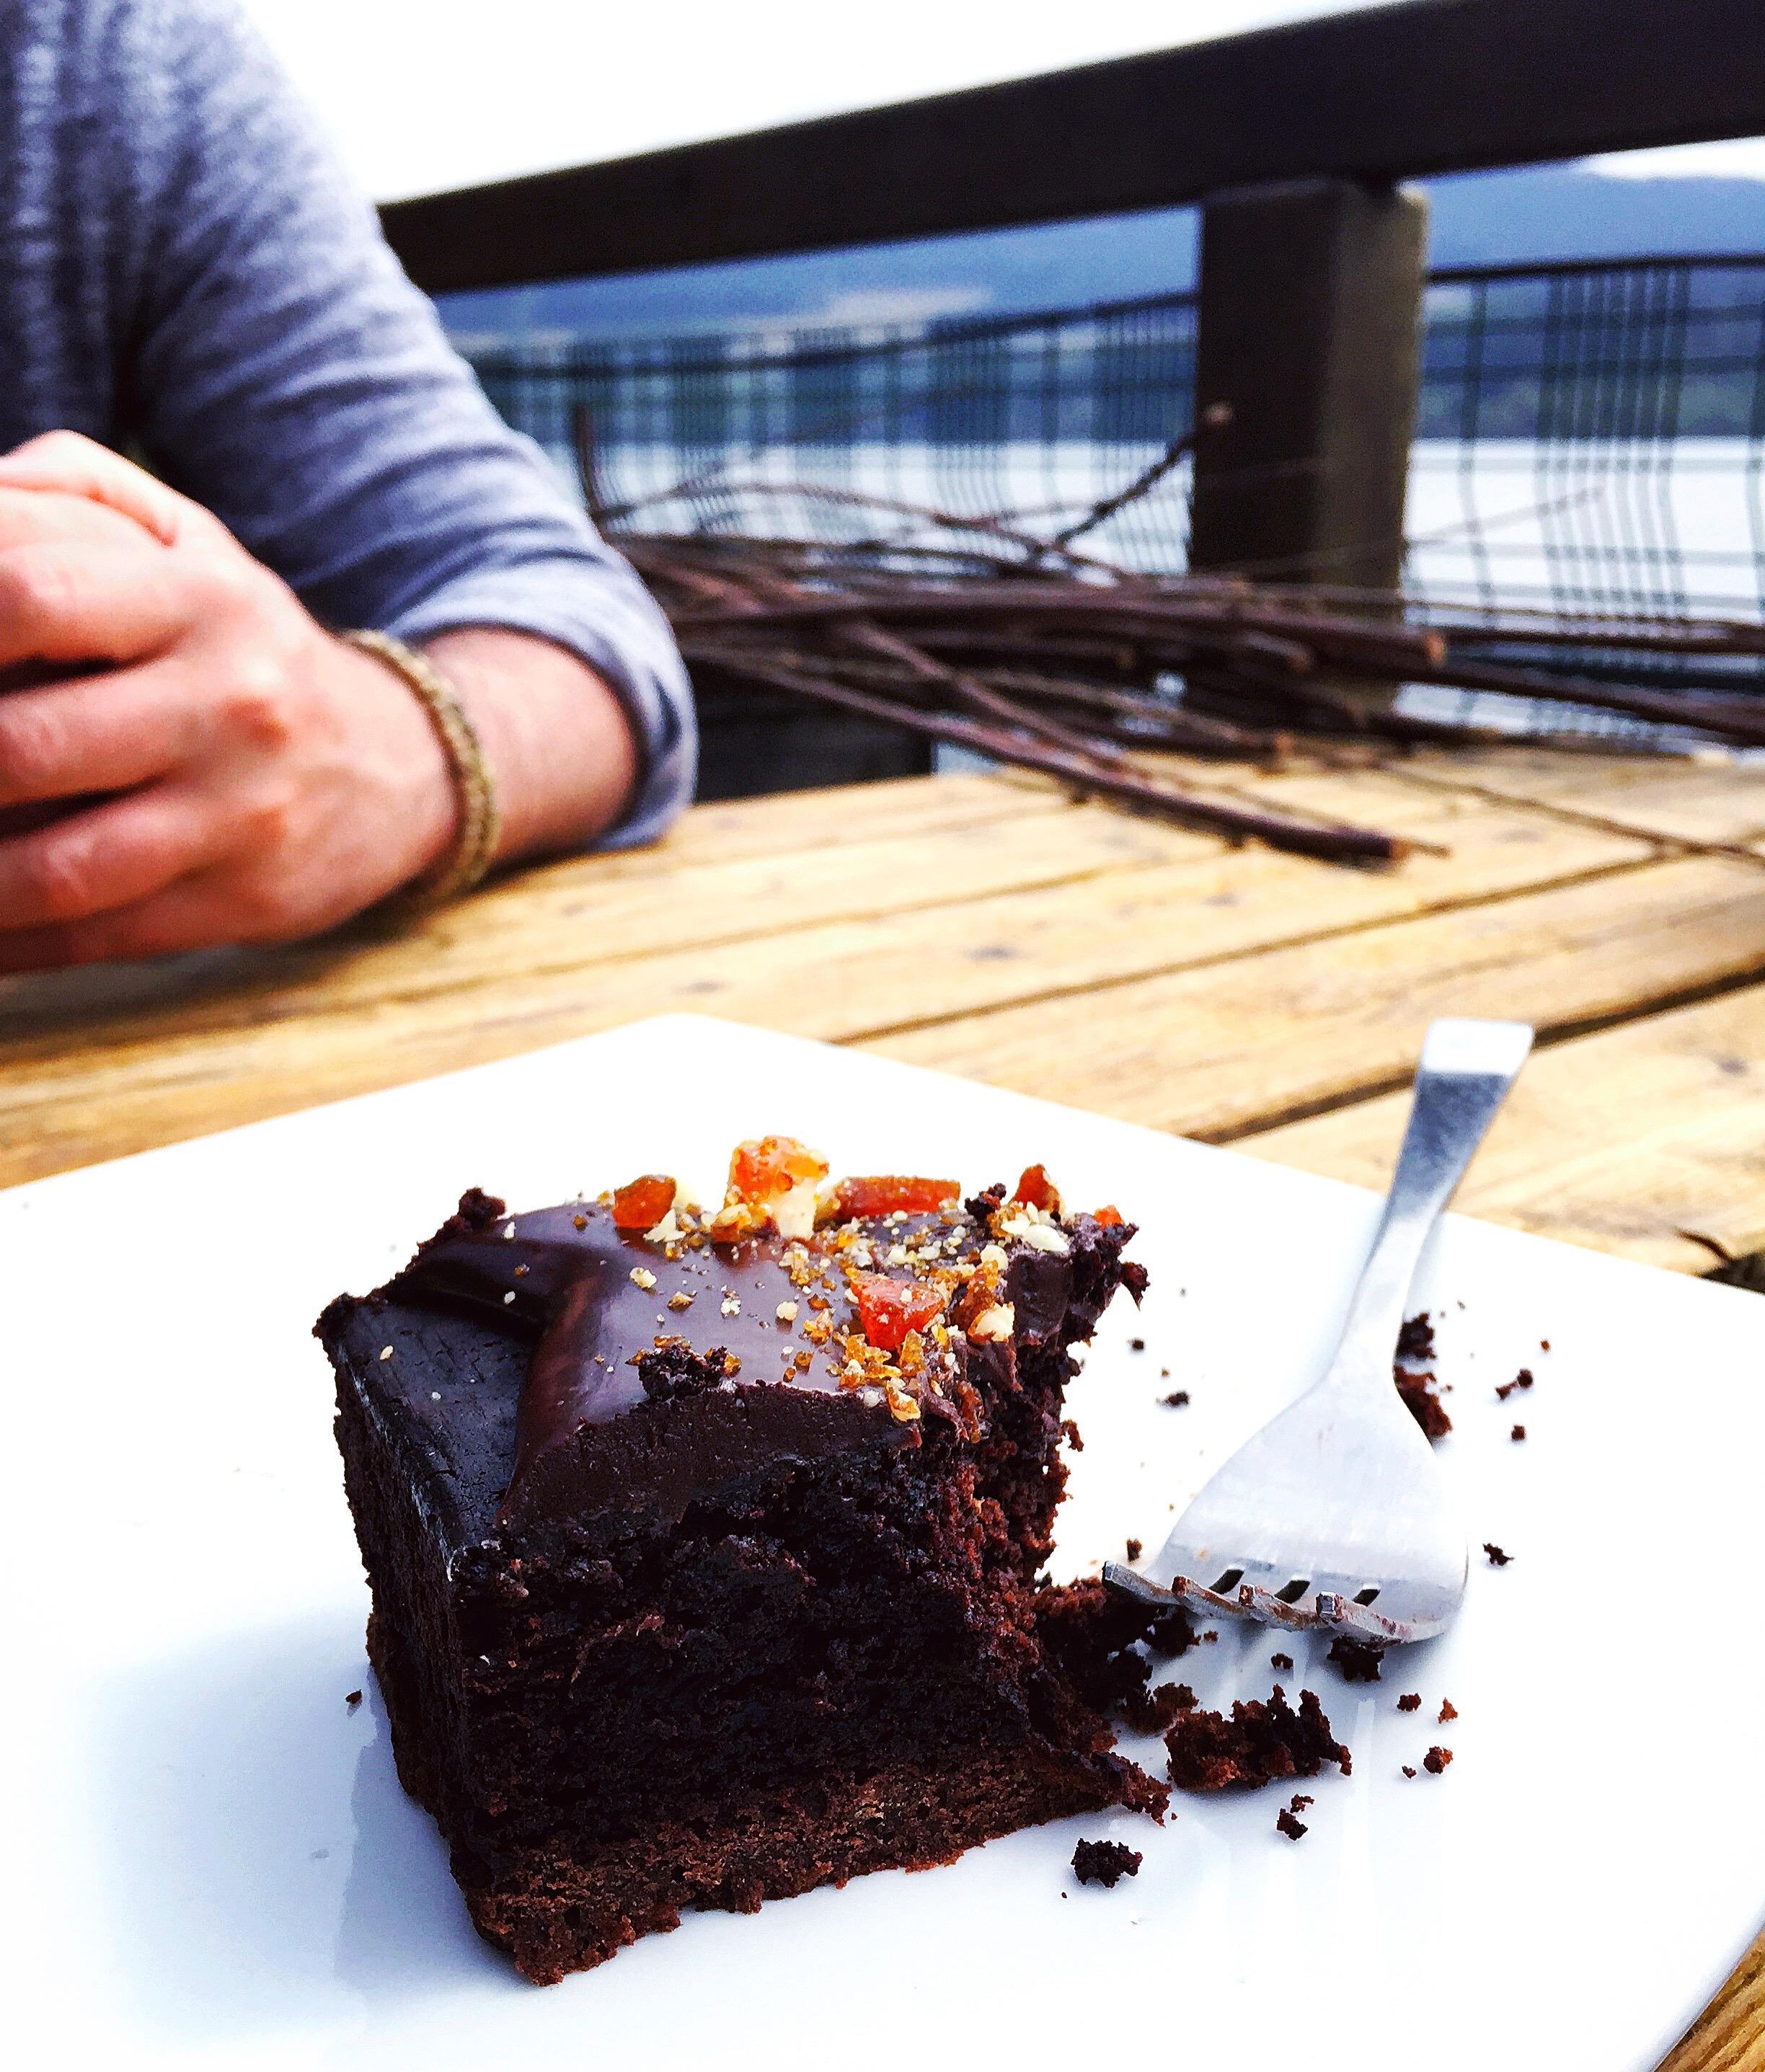 vechnar-lochside-restaurant-cake.JPG